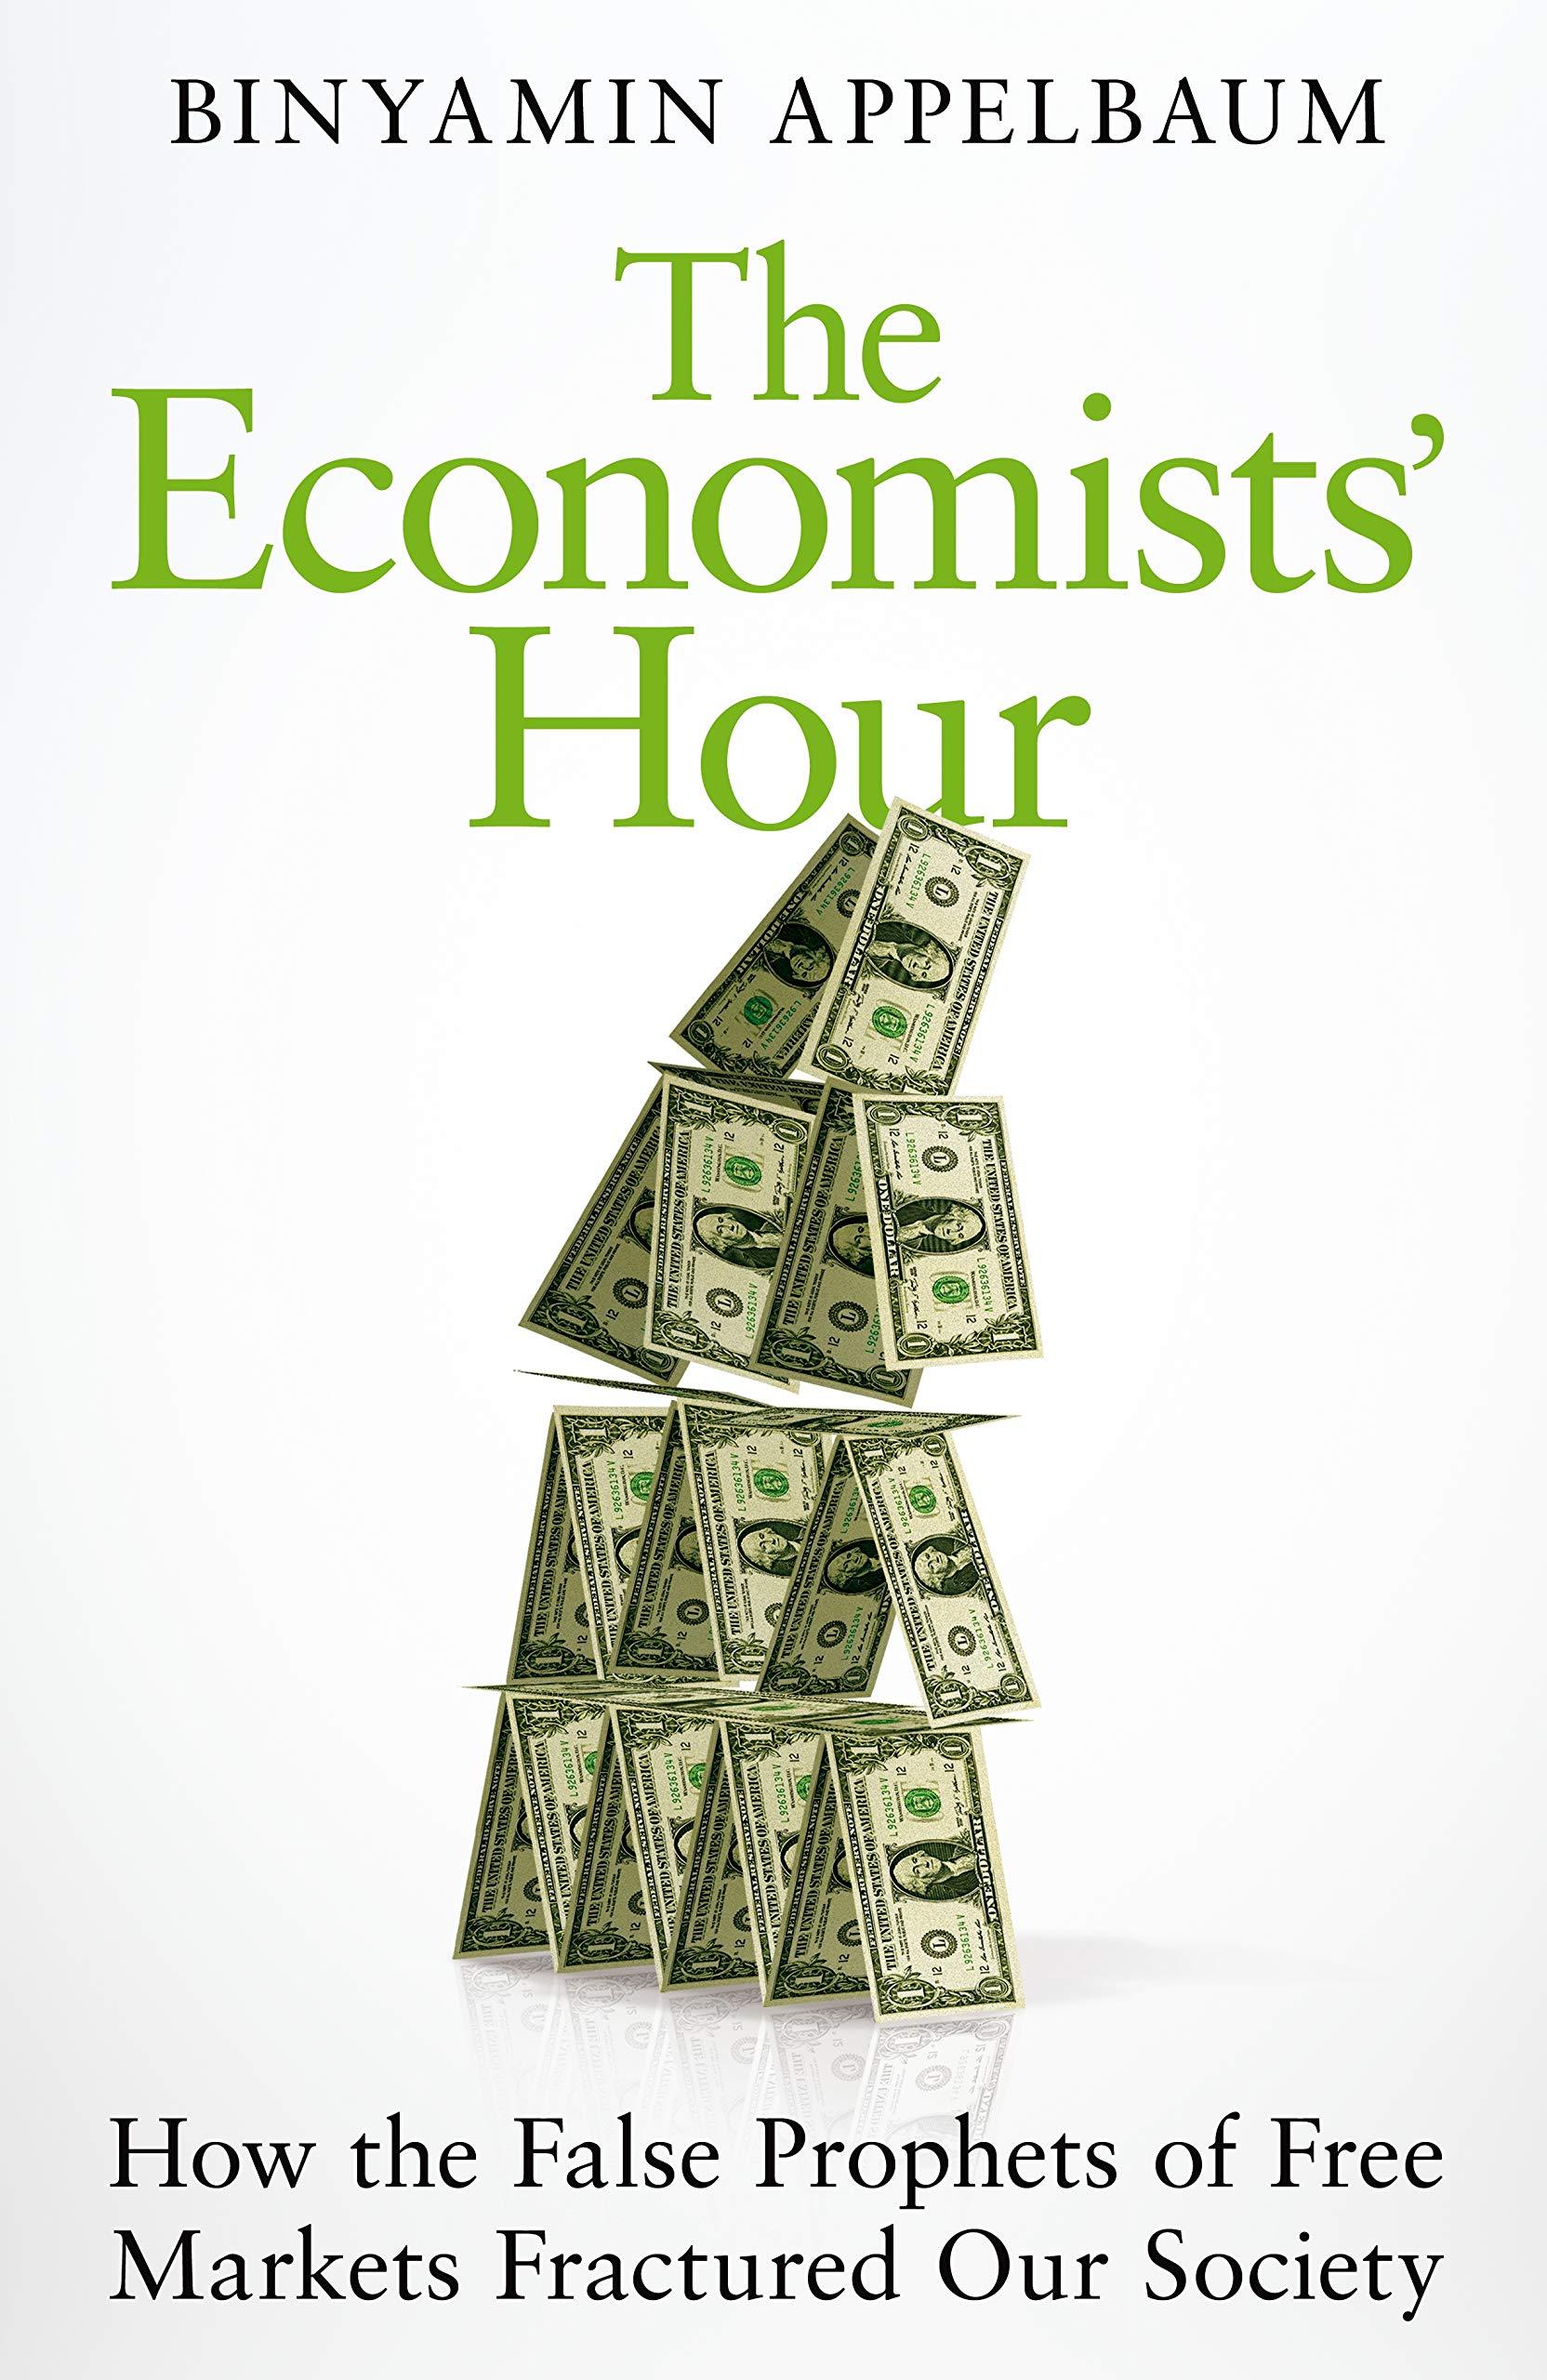 The Economist's Hour